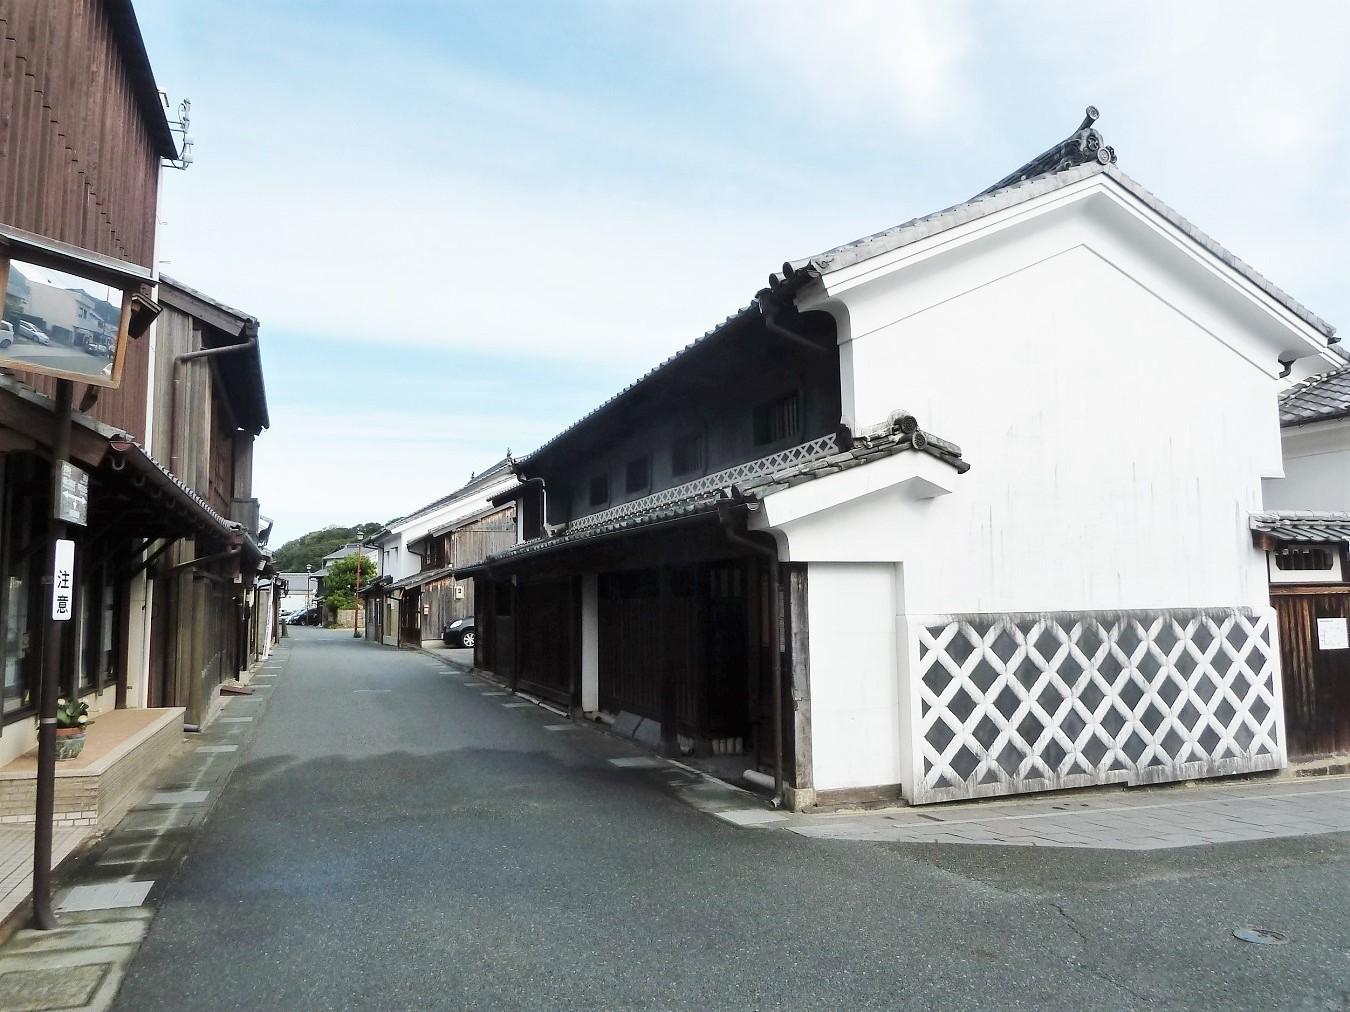 萩 浜崎伝建地区.jpg